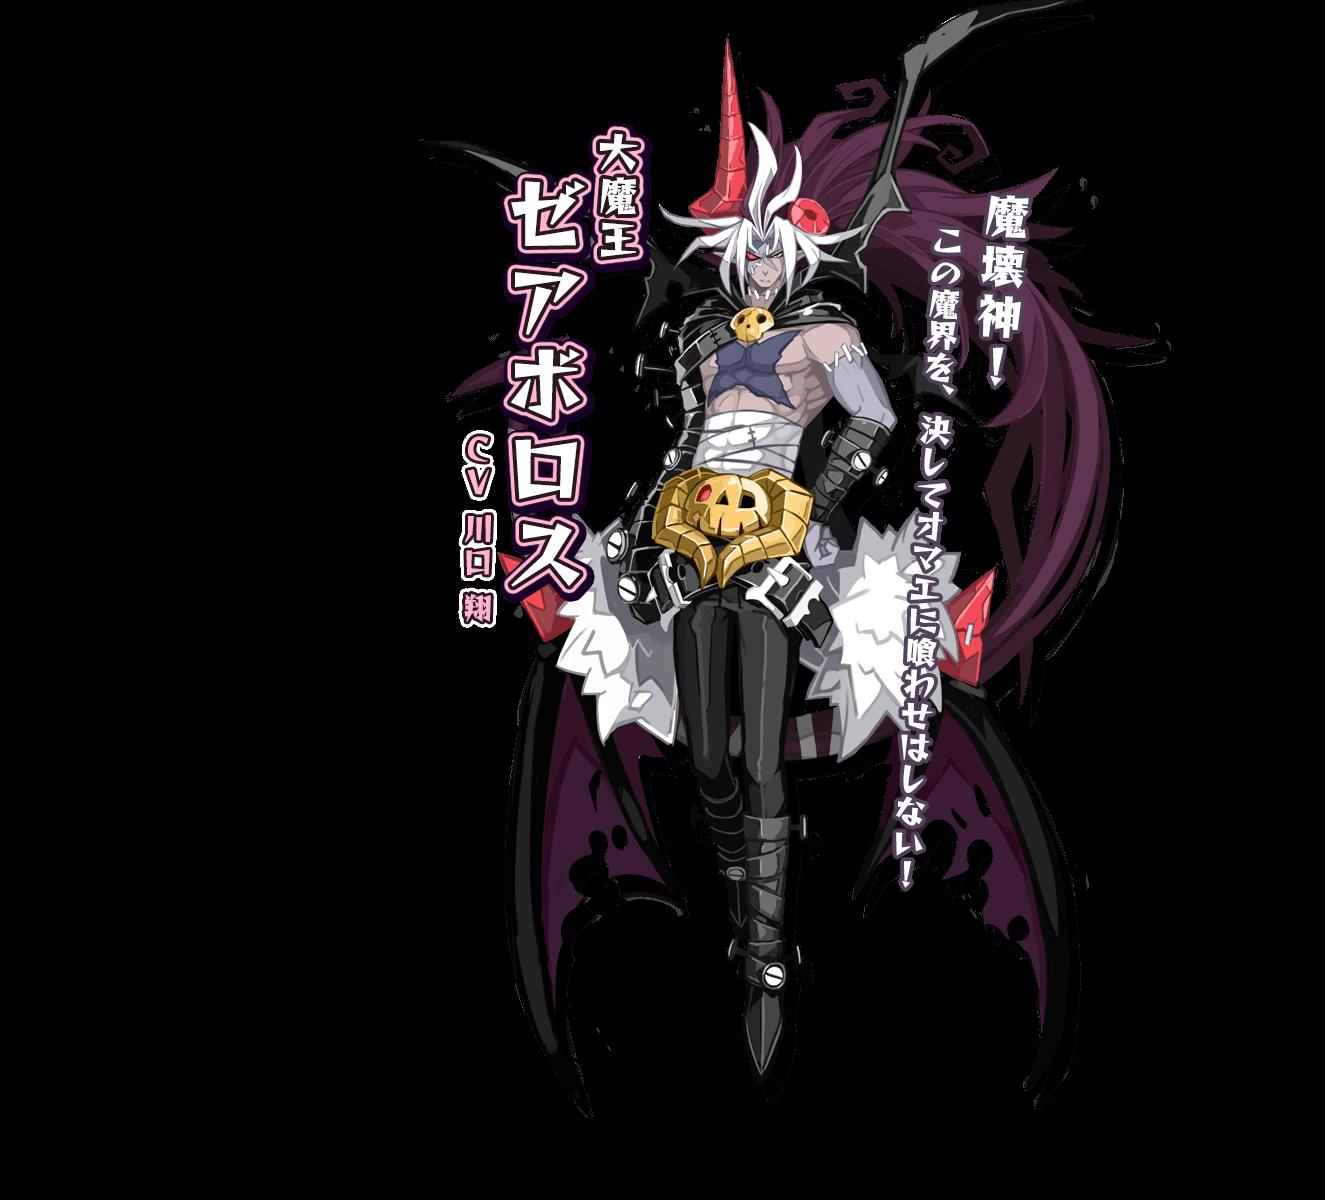 魔壊神トリリオン キャラクター